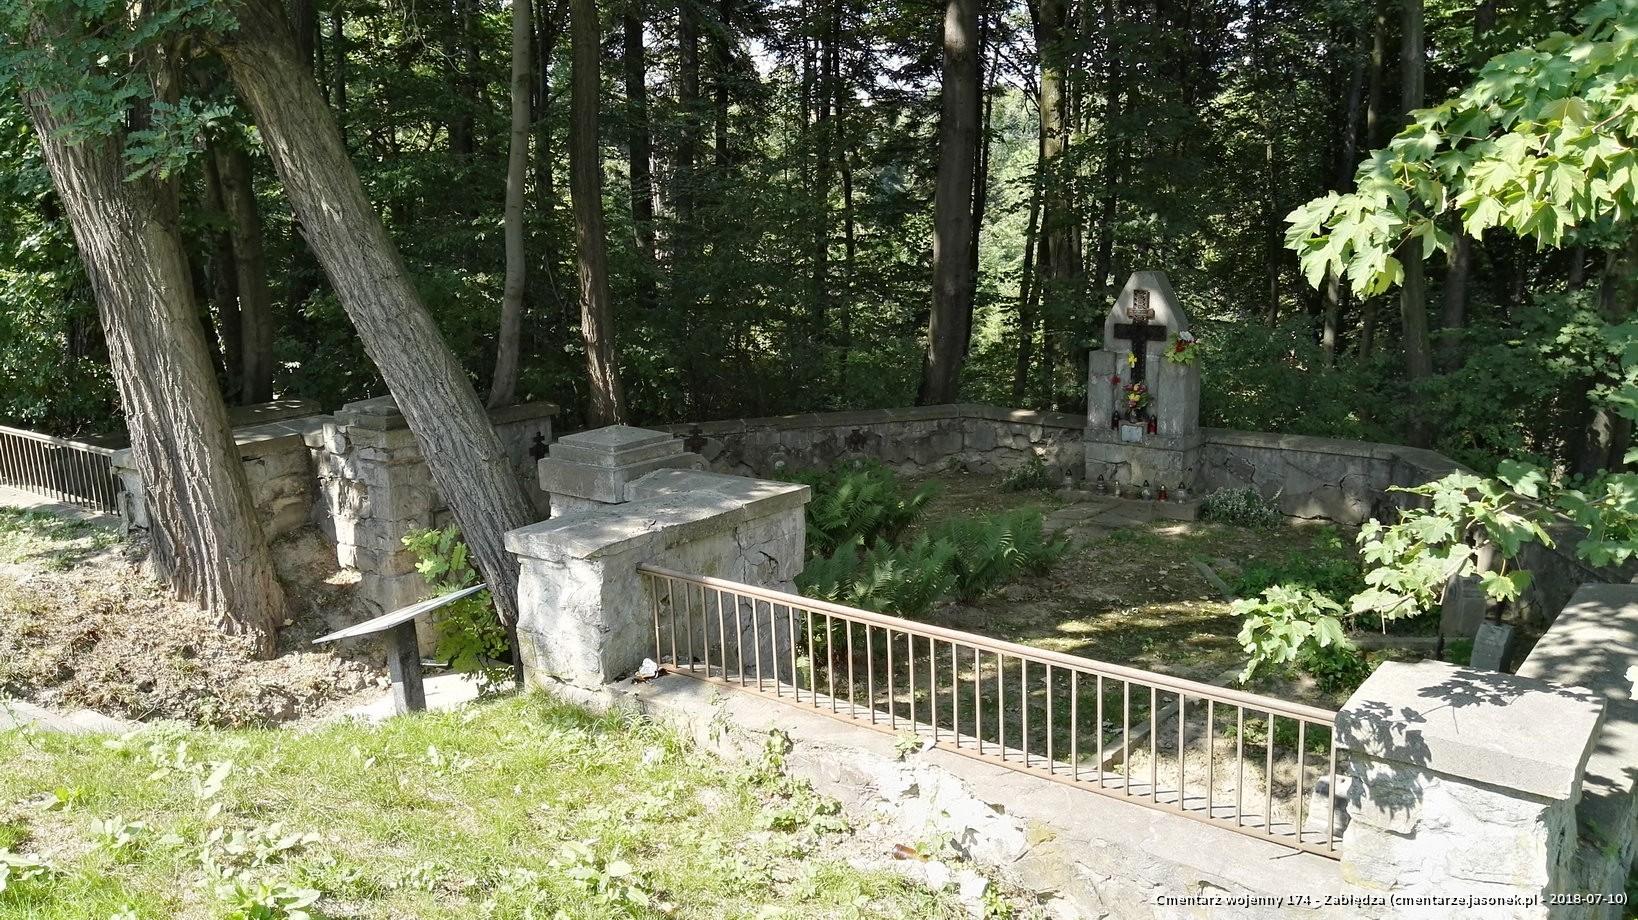 Cmentarz wojenny 174 - Zabłędza